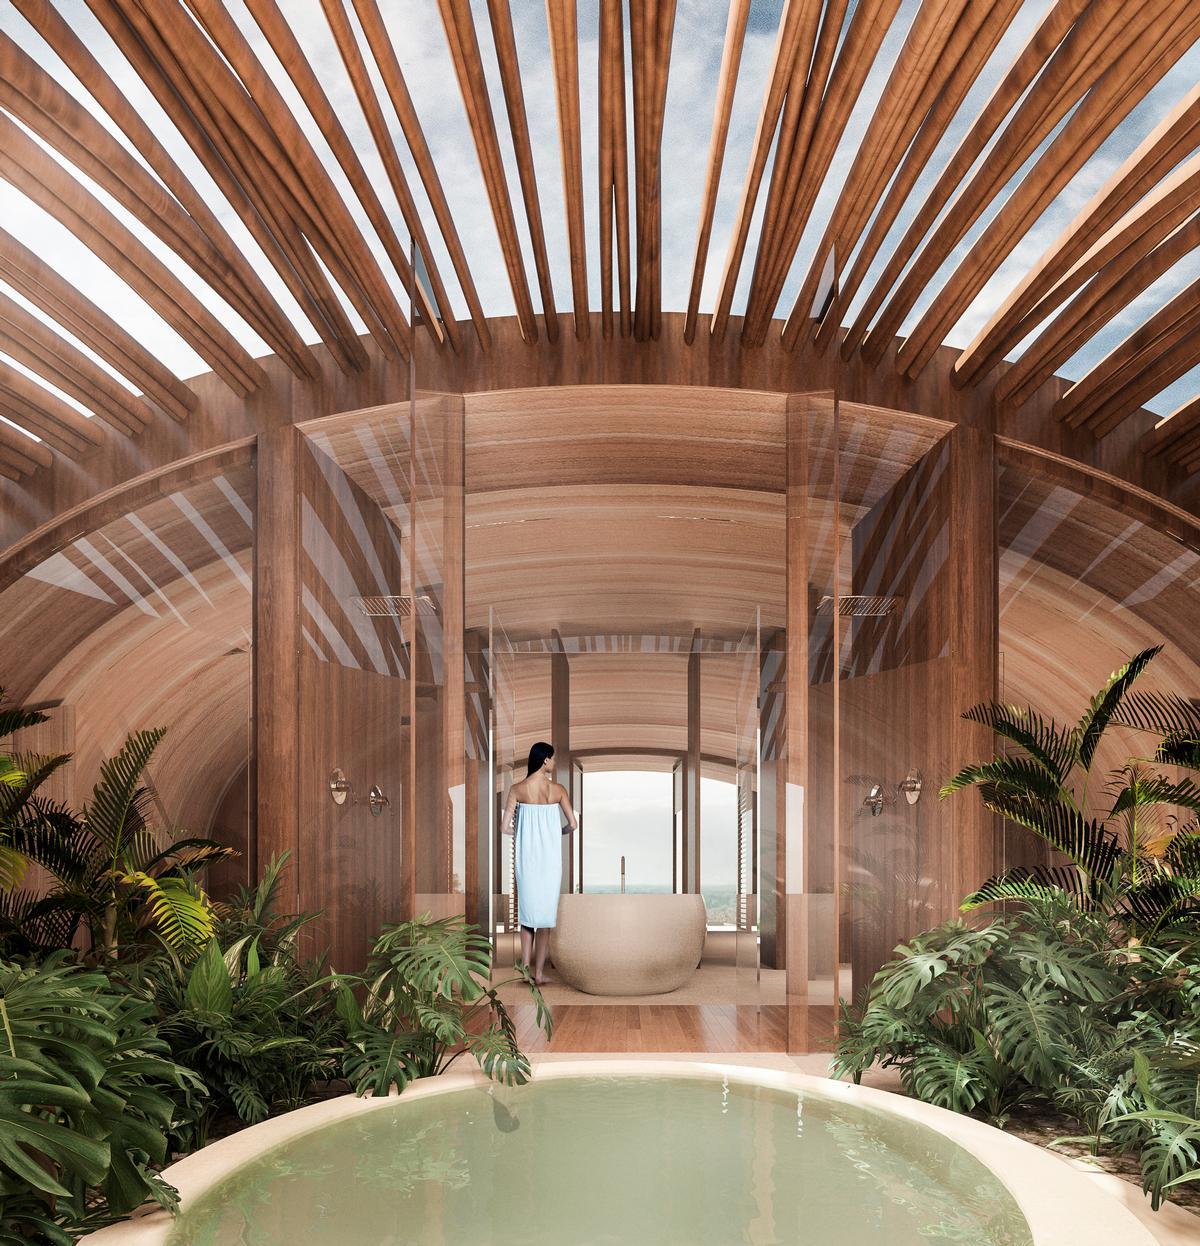 Each room has a terrace, a pool and a garden at the rear / Sordo Madaleno Arquitectos